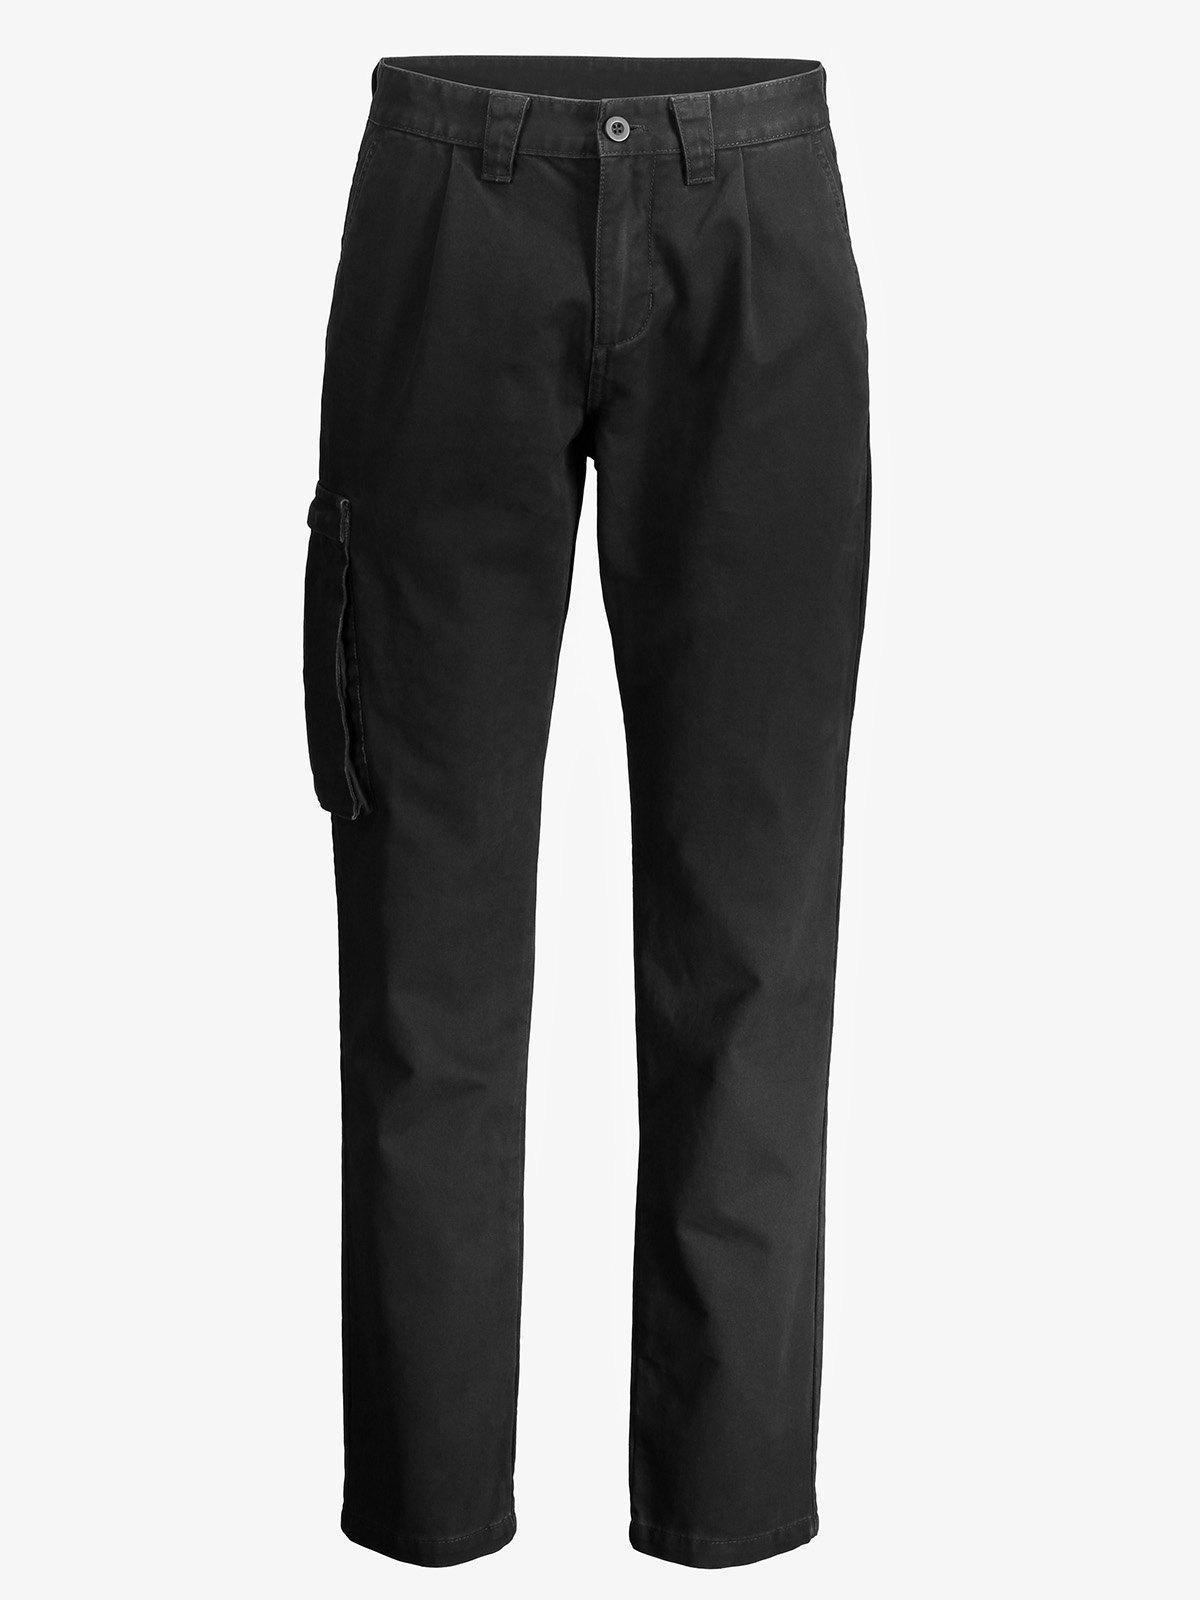 ZANSTYLE Hommes poches Latérales Ceinture de Pantalon